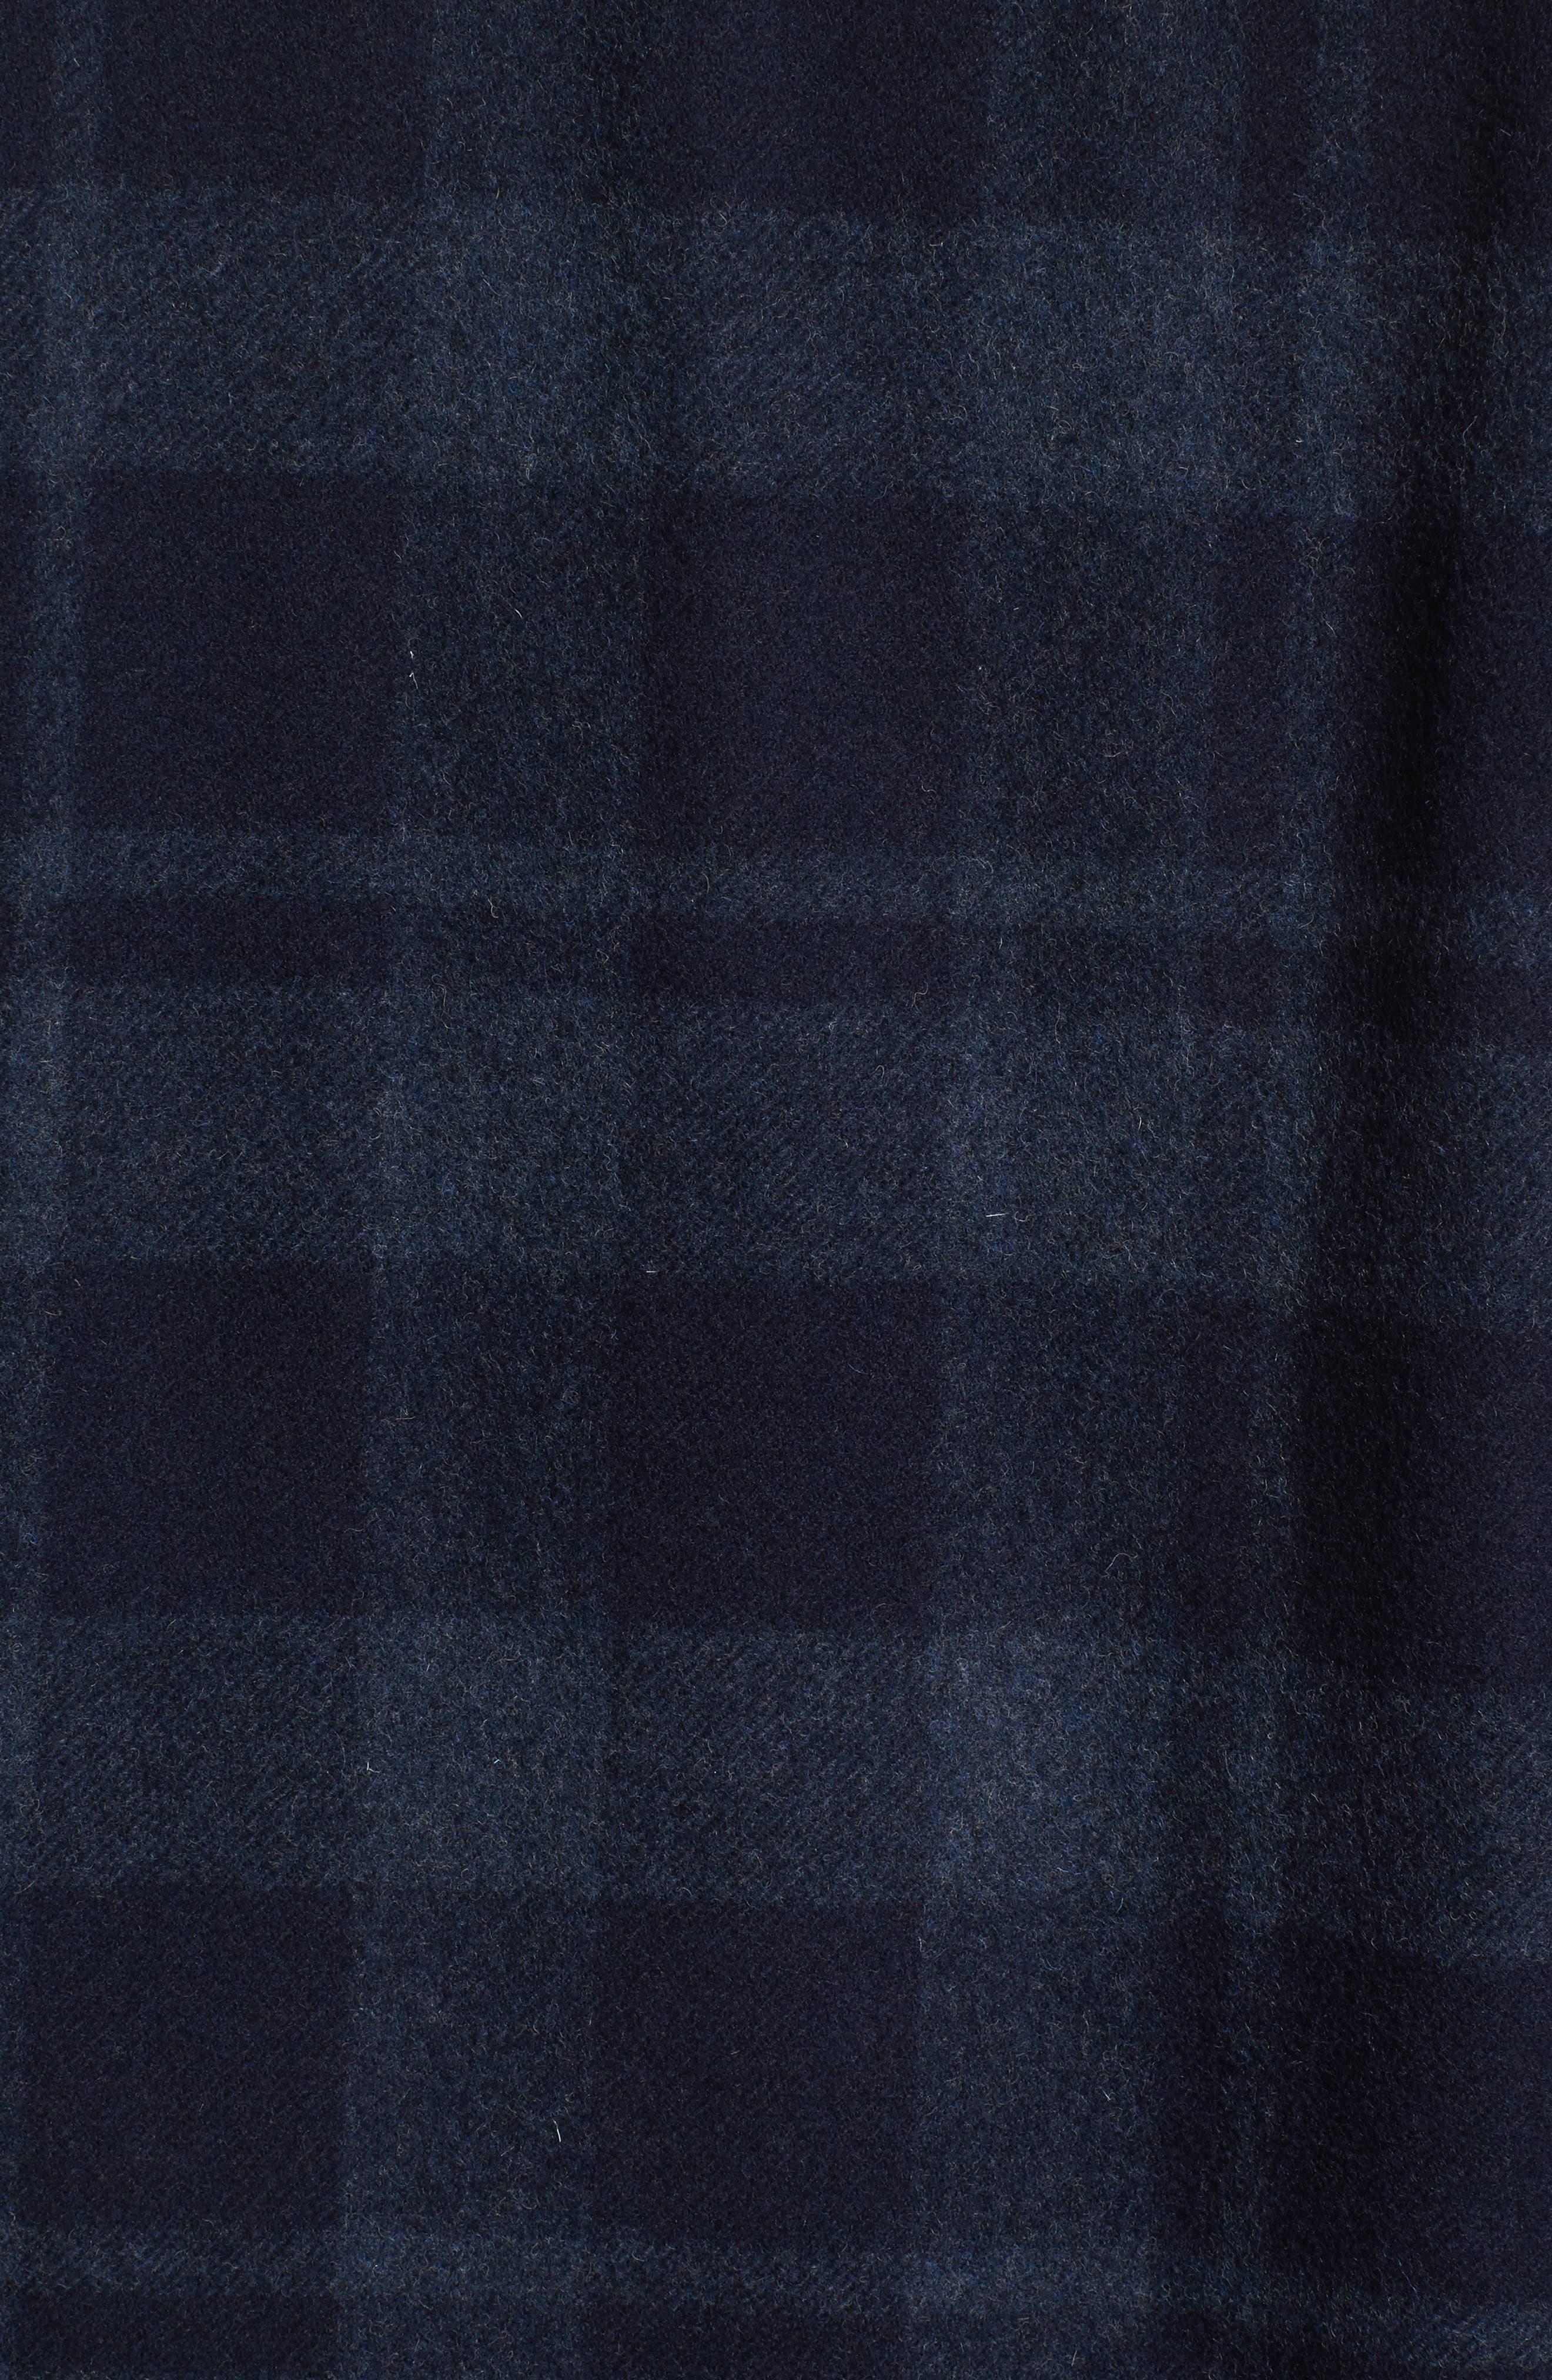 Flannel Plaid Shirt,                             Alternate thumbnail 2, color,                             420